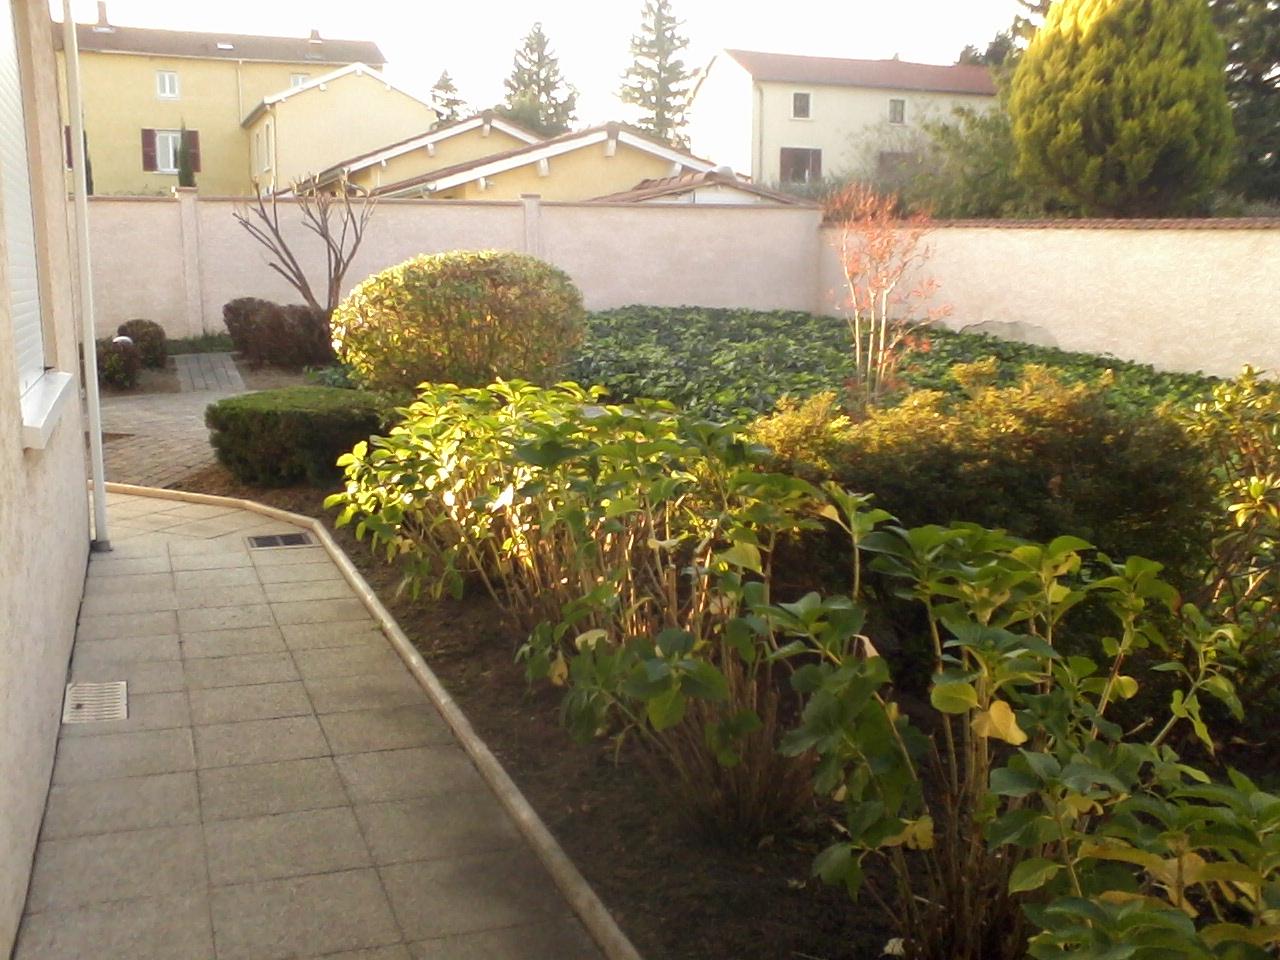 1000 et un jardins paysagiste lyon - Paysagiste lyon ...